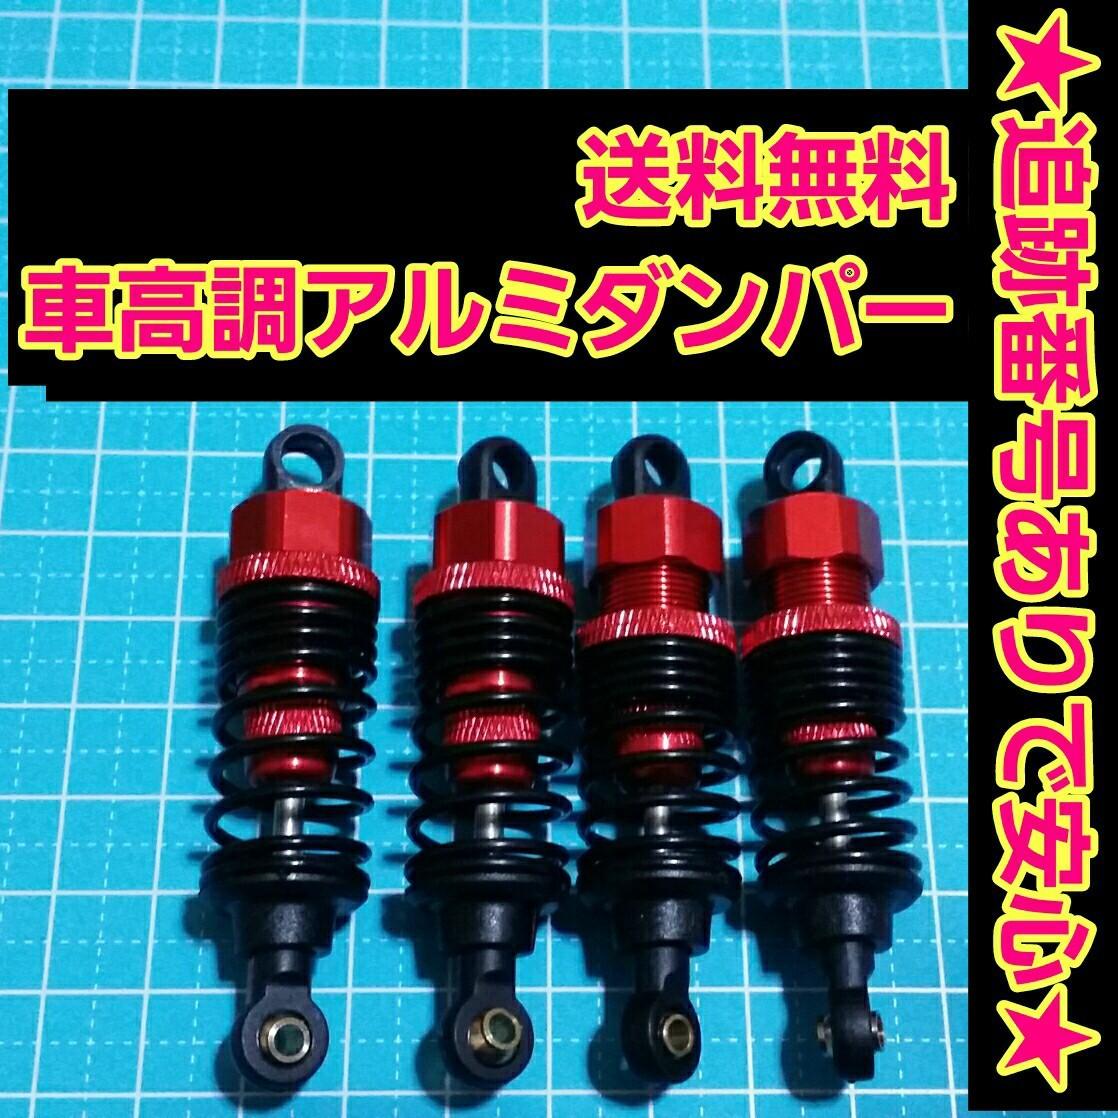 アルミ オイル ダンパー 赤    ラジコン ドリパケ TT01 TT02 YD-2 ドリフト イーグル タミヤ ヨコモ trf